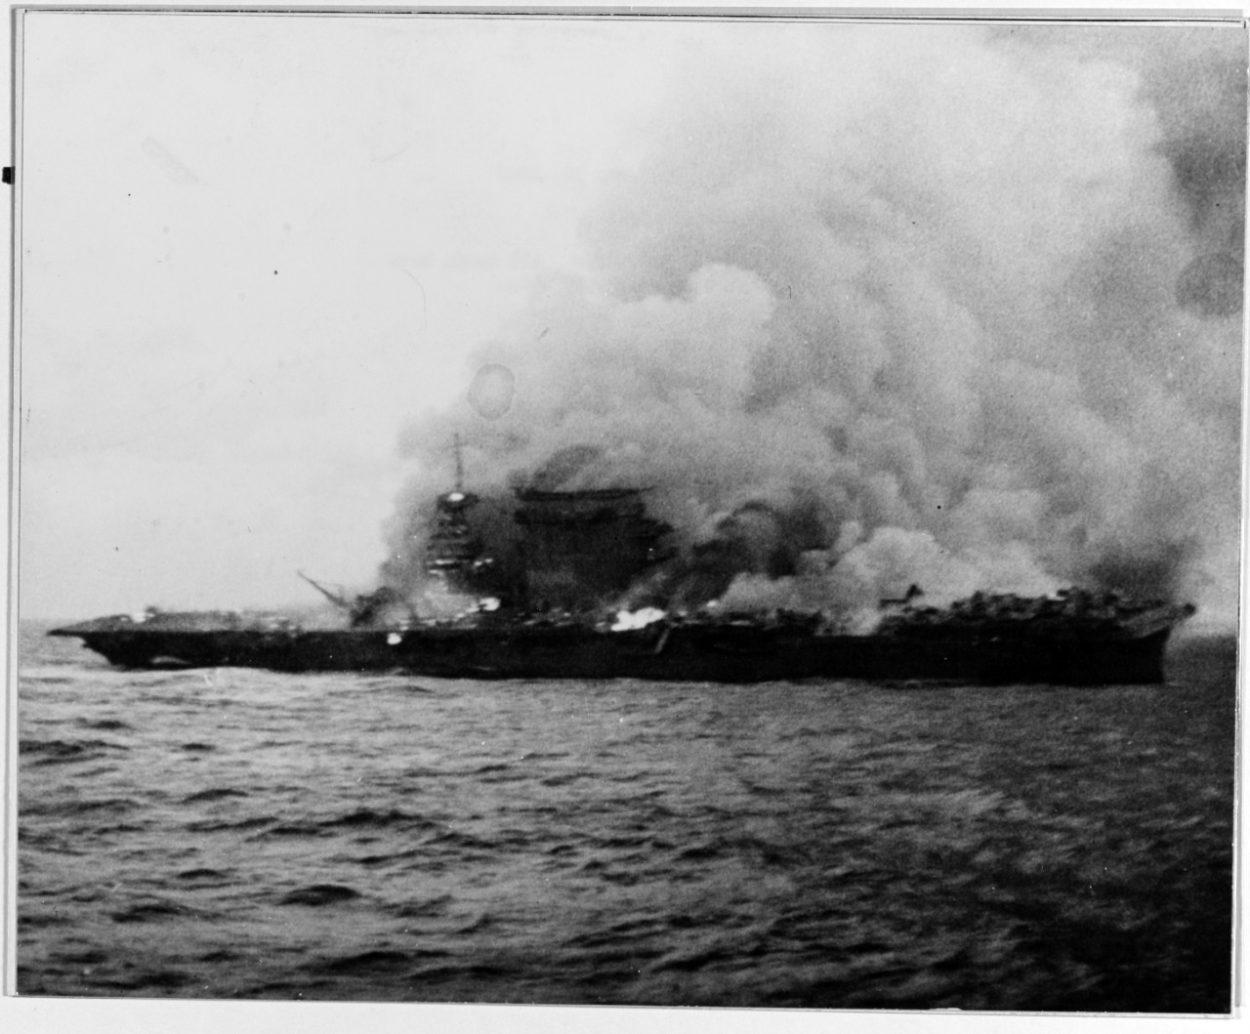 Der Flugzeugträger USS Lexington